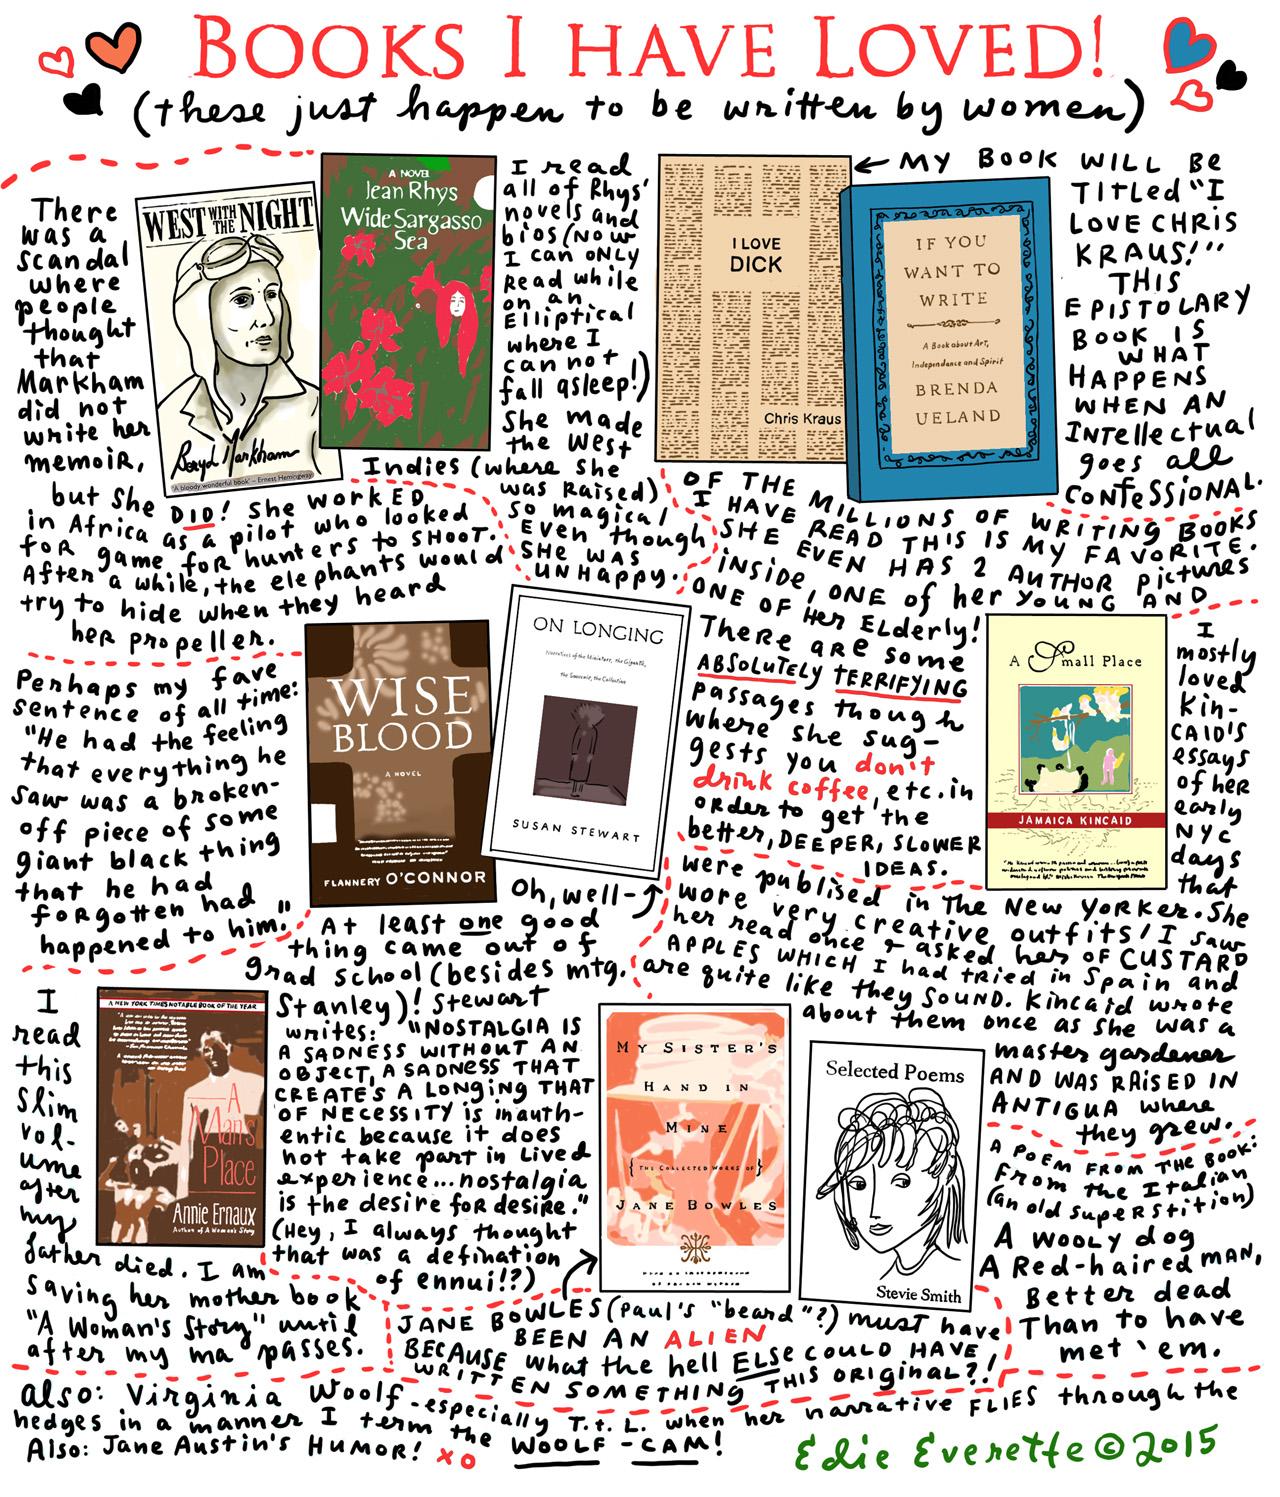 EveretteBooksjHyperSized.jpg